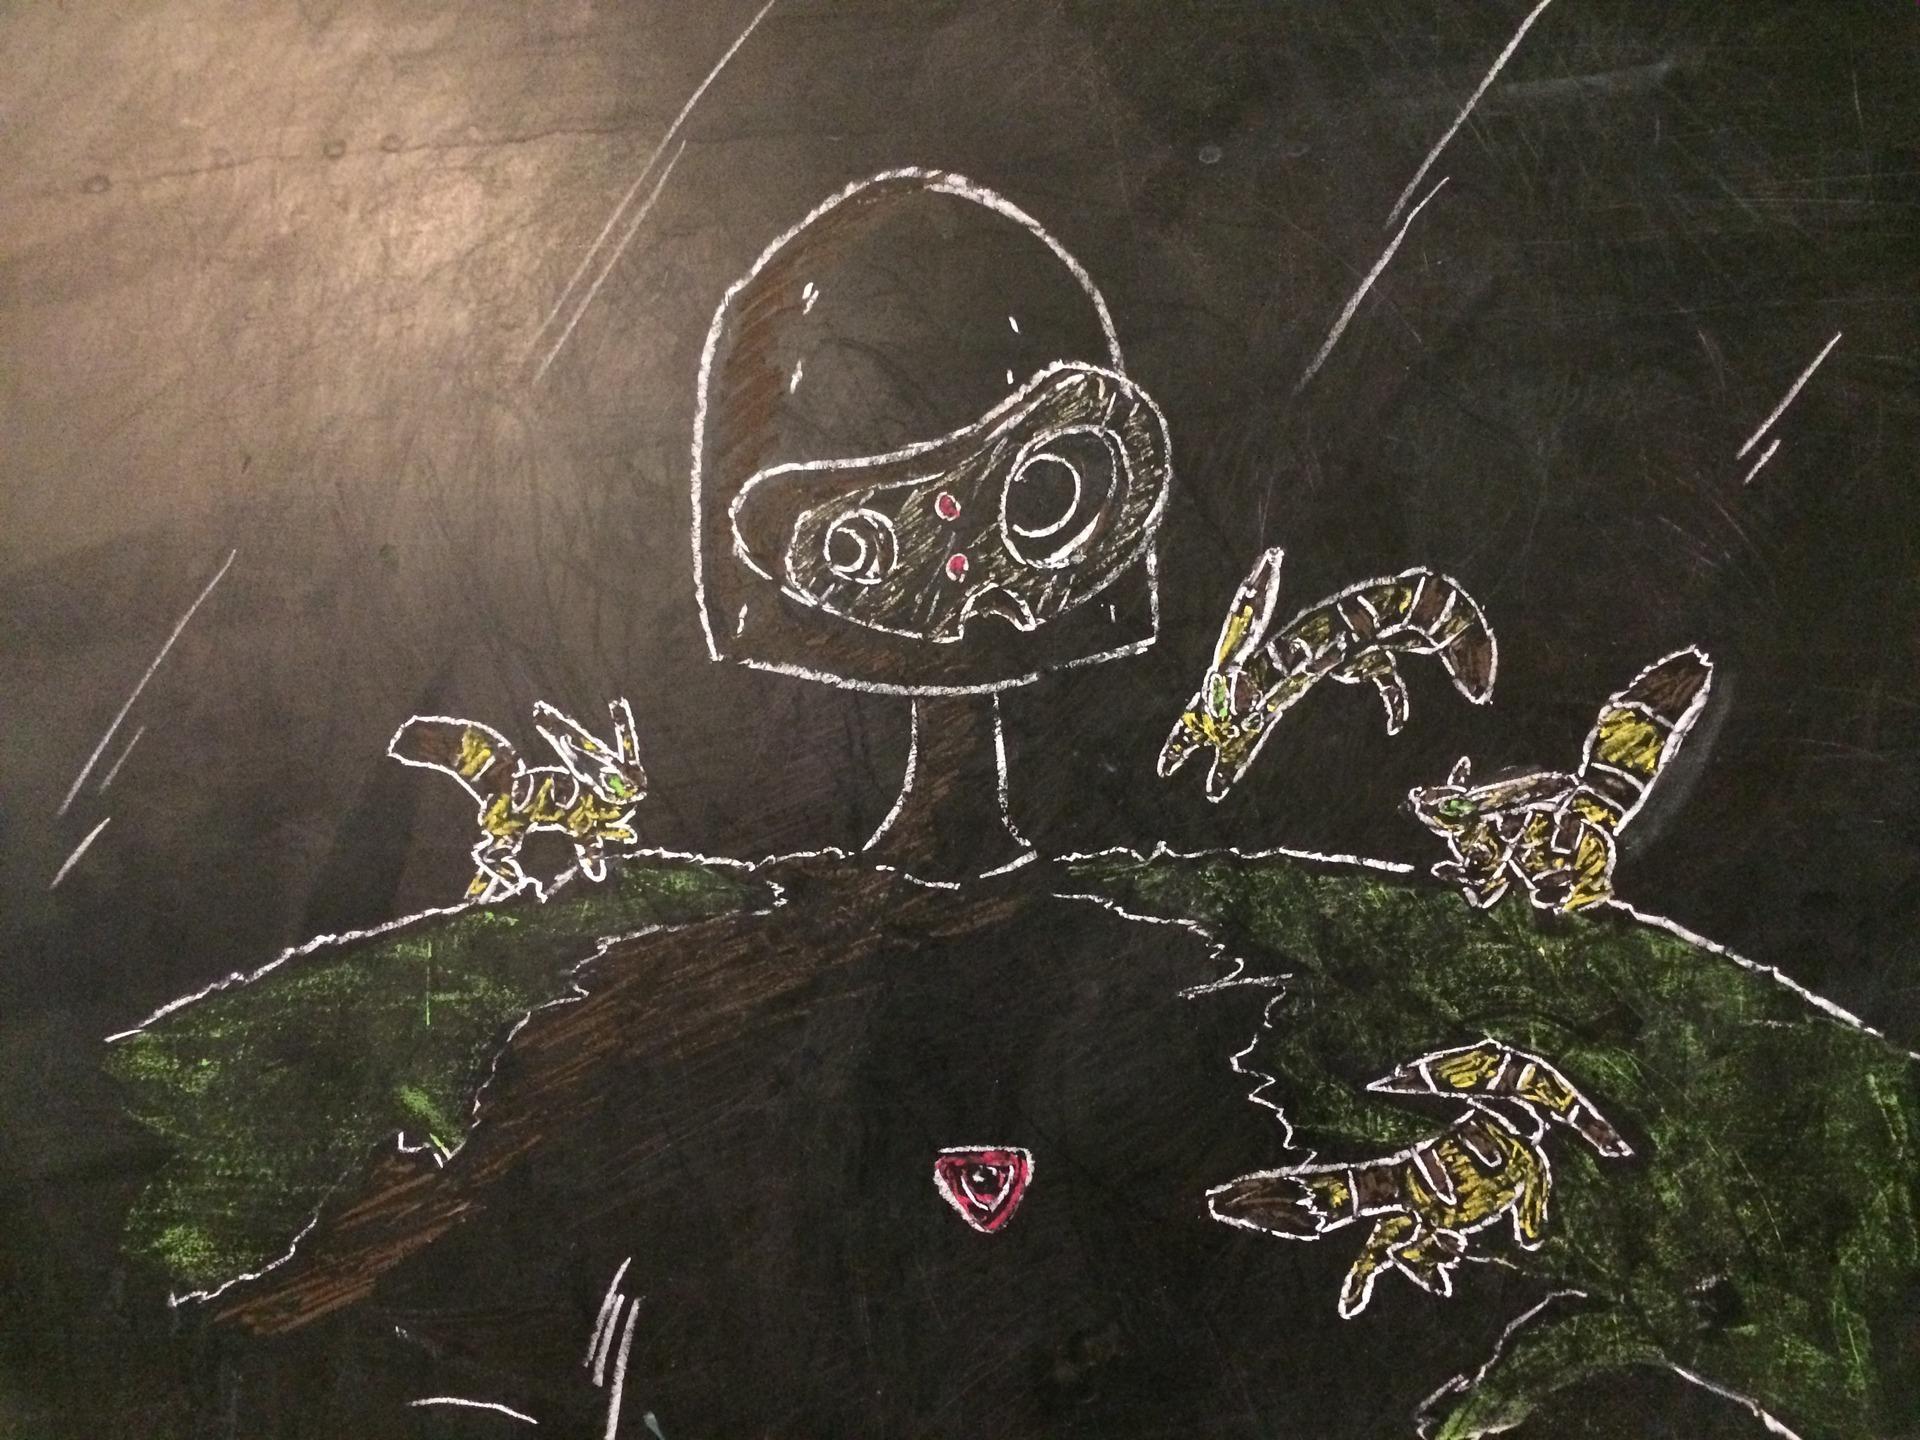 アラフォーのイタズラ描き 天空の城ラピュタ 優しい ロボット兵